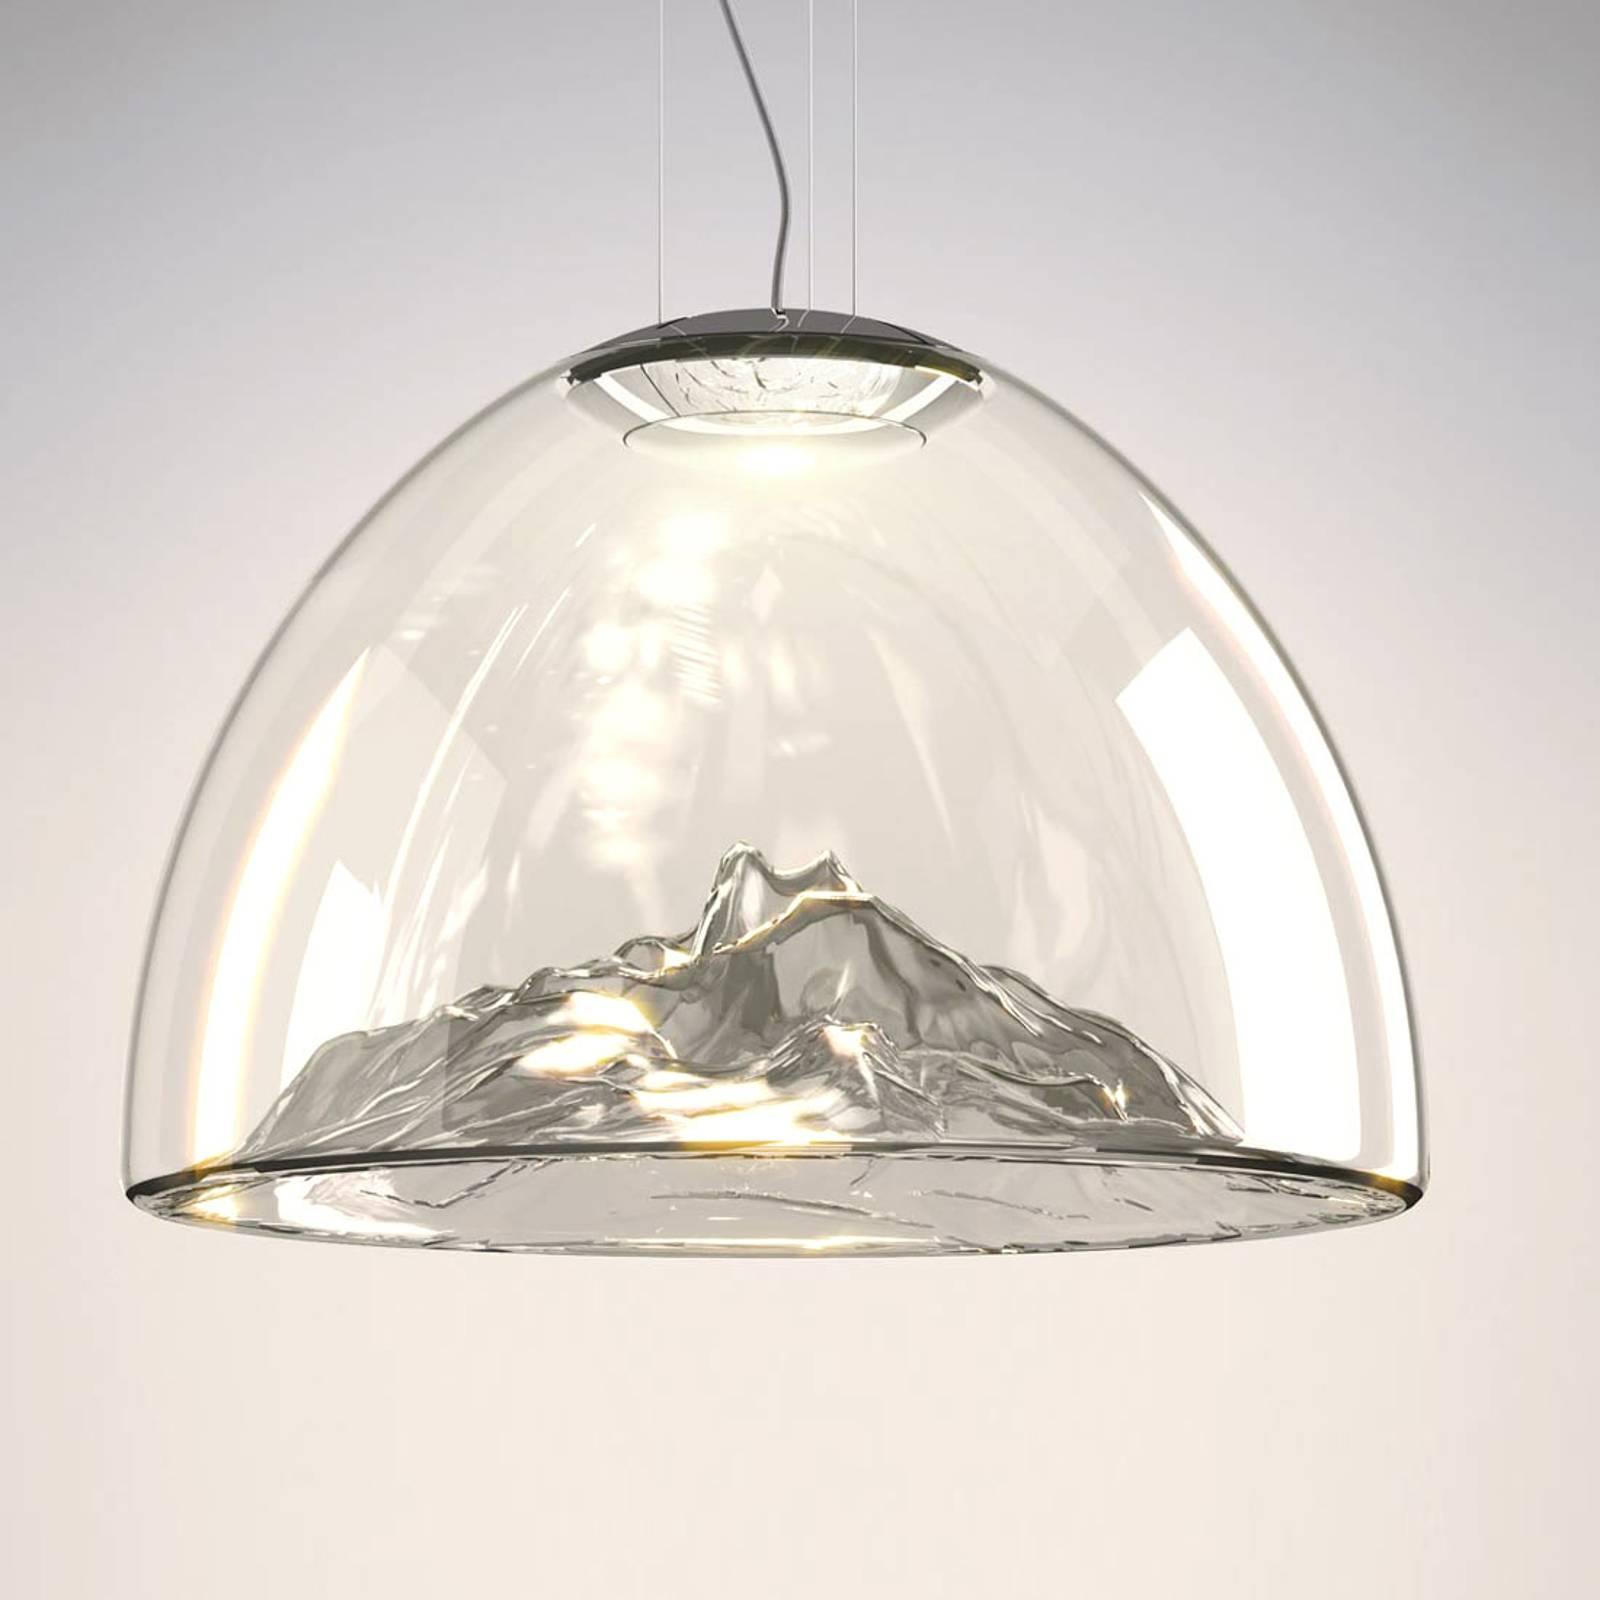 Axolight Mountain View - LED-valaisin harmaa-kromi